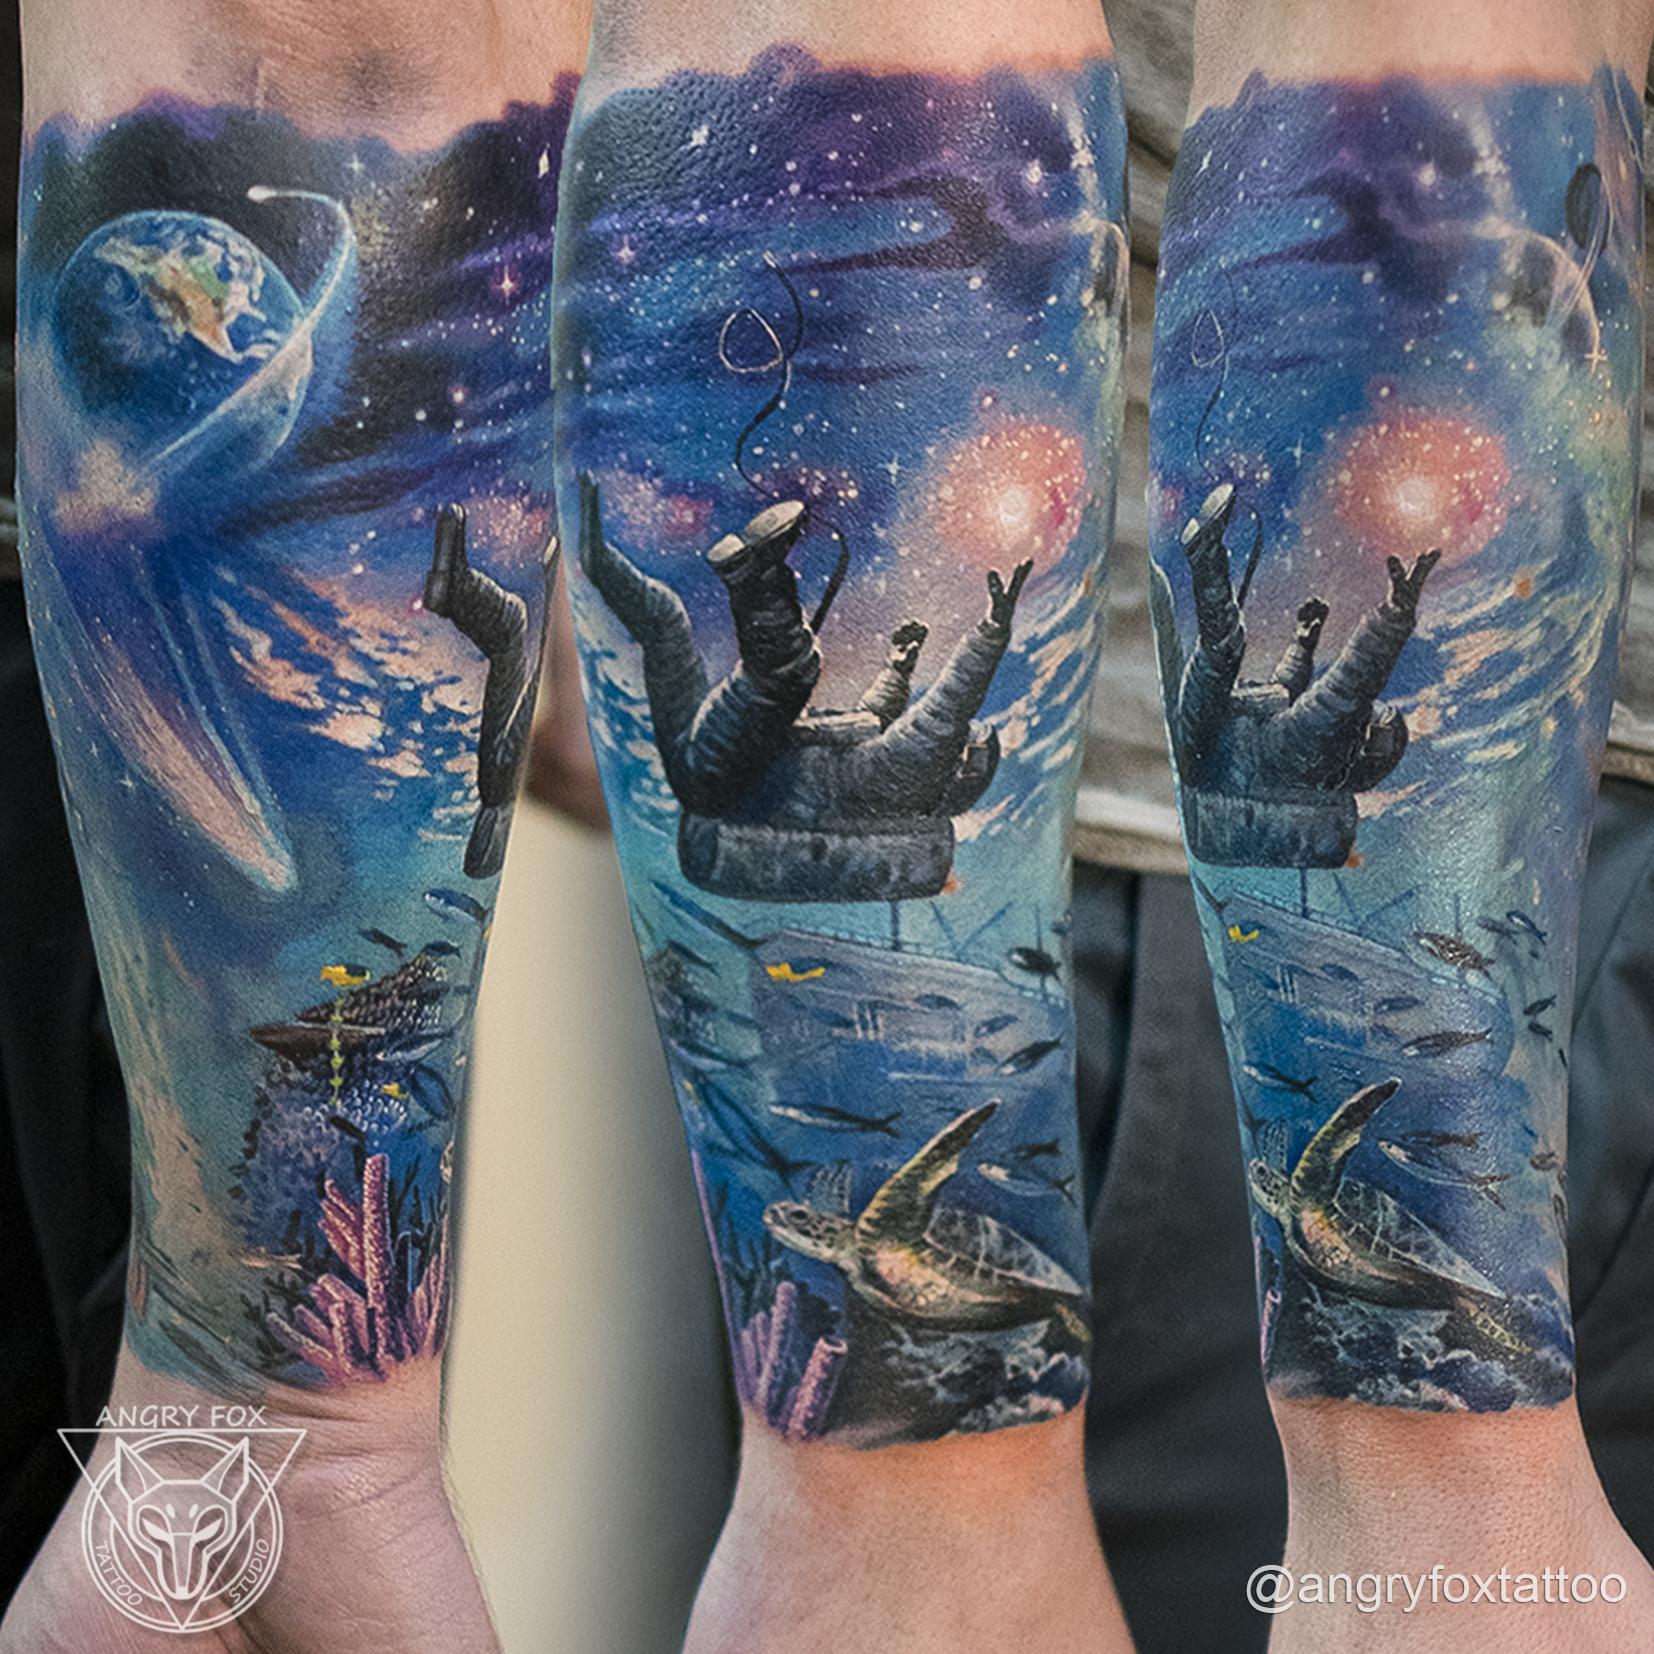 татуировка, тату, реализм, рука, предплечье, кораллы, черепаха, корабль, затонул, космос, земля, звезды, космонавт, акваланг, мужчина, рыбы